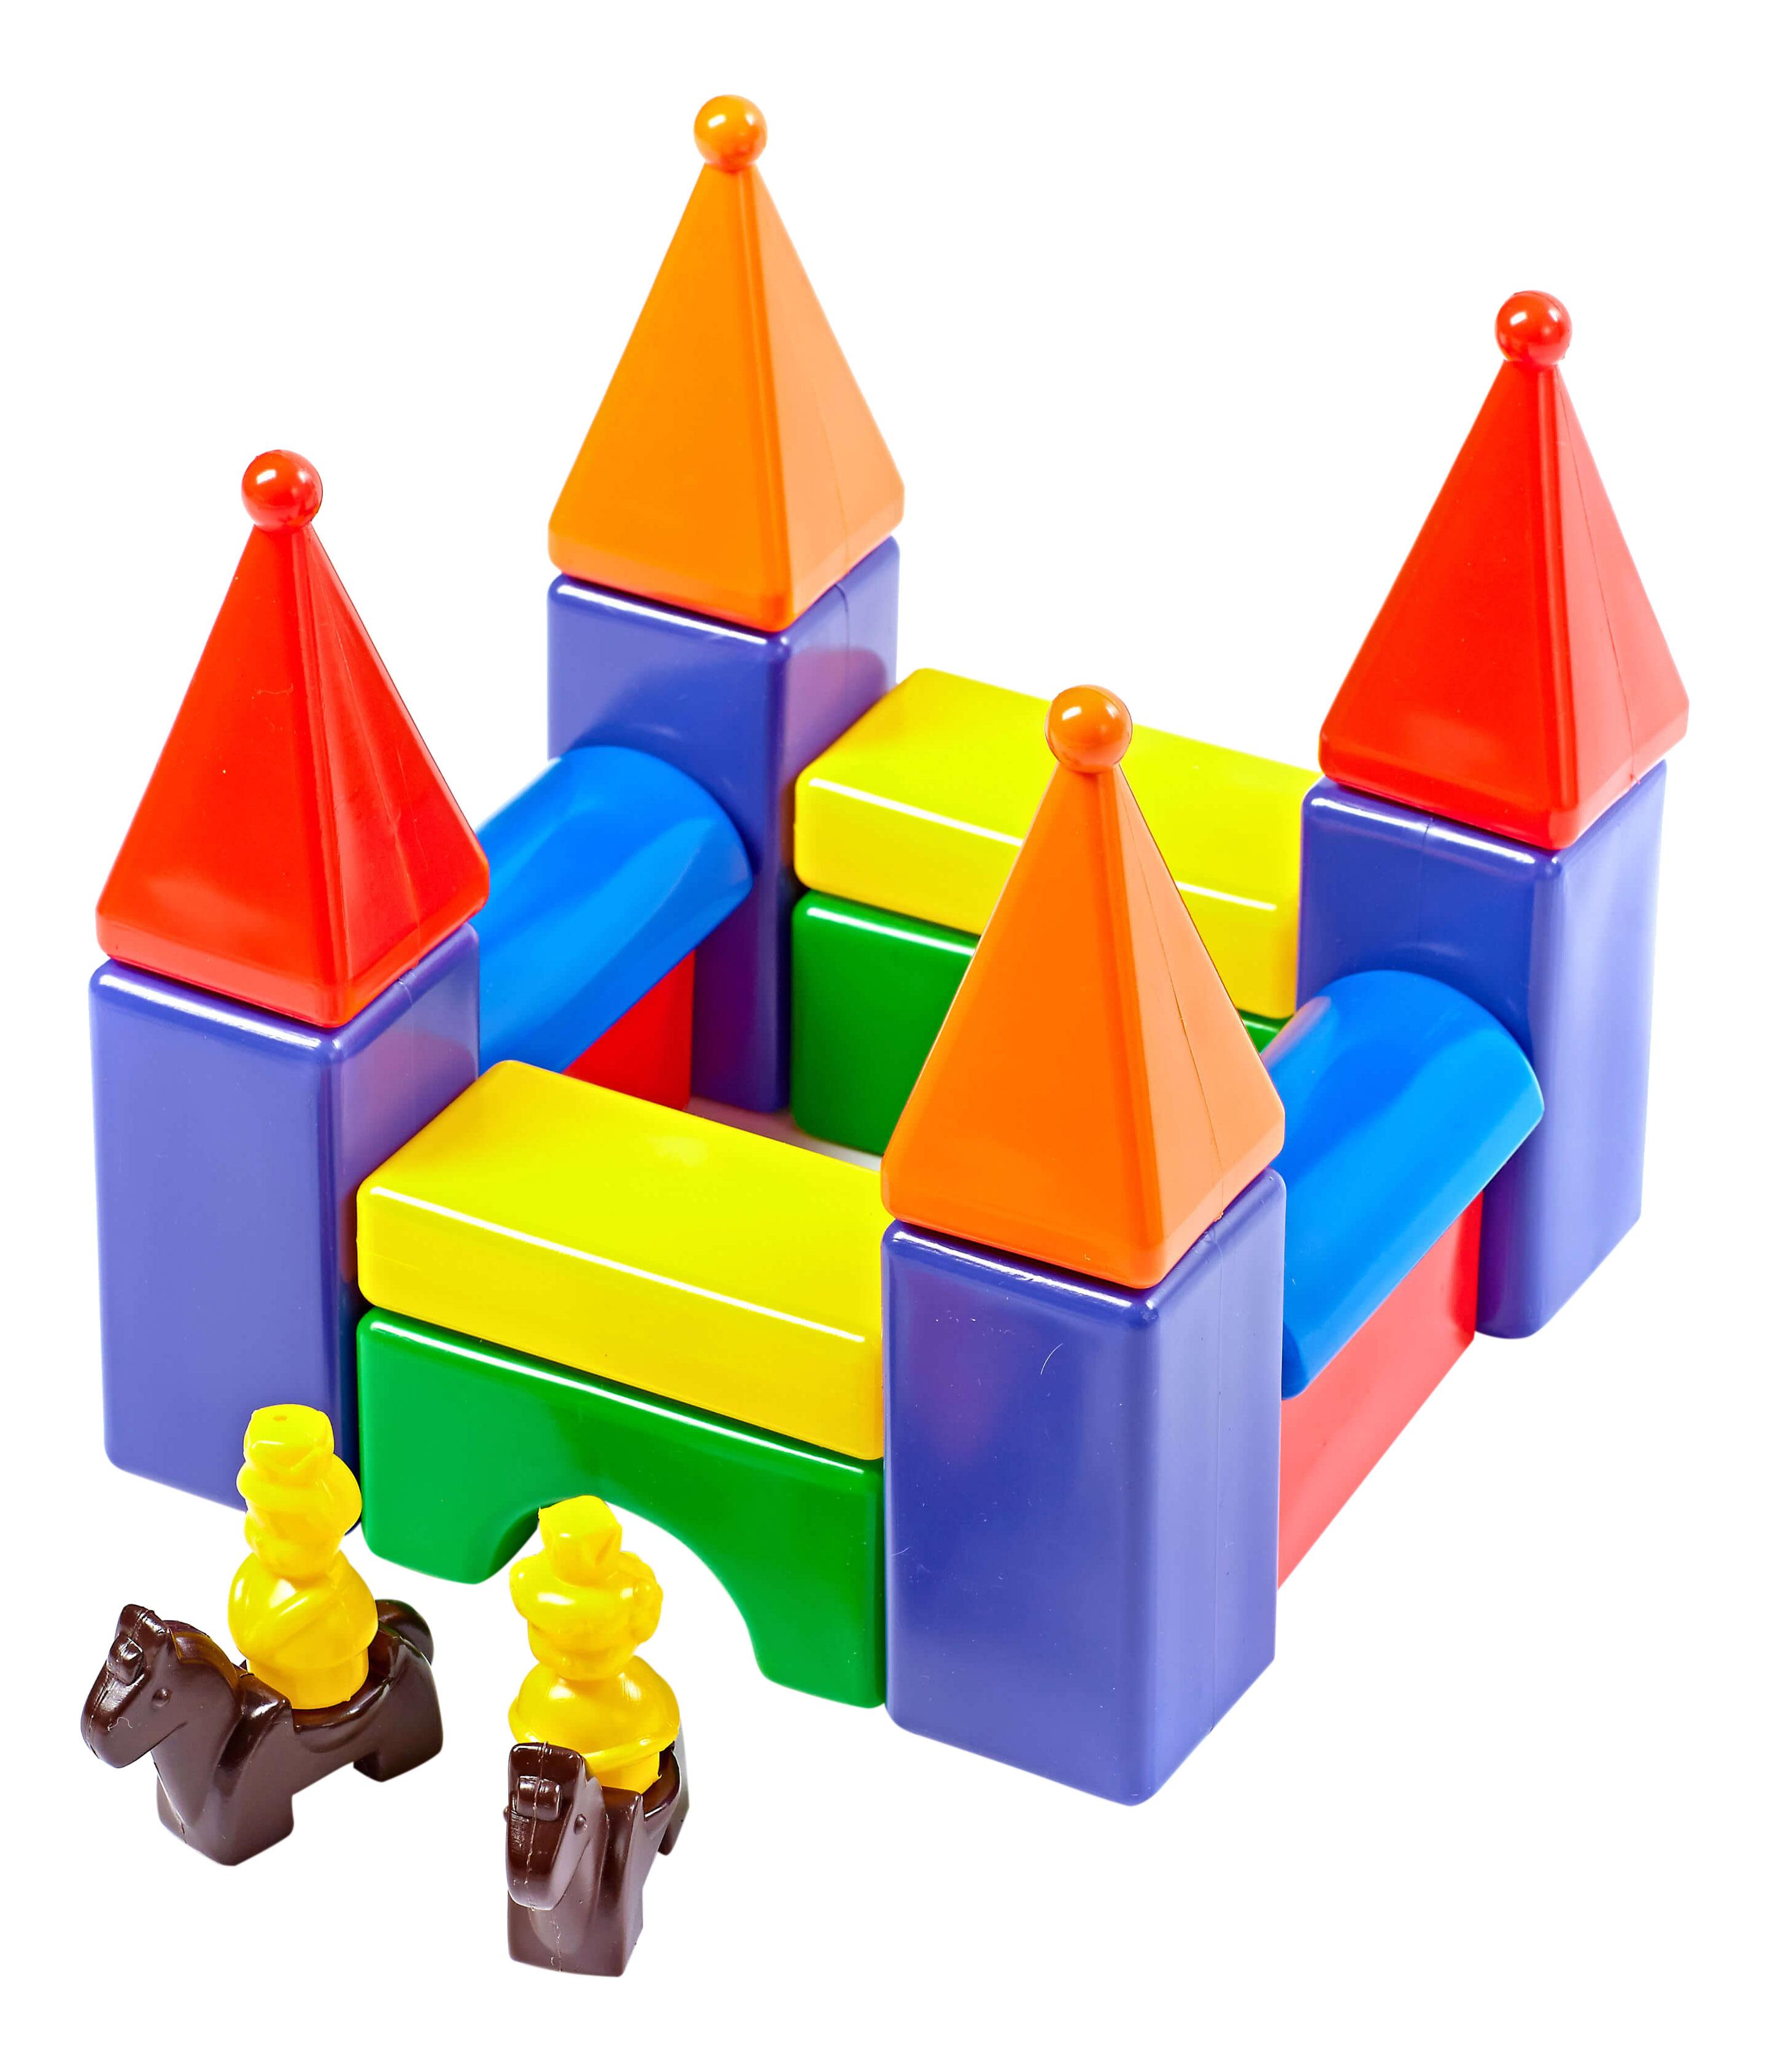 Конструктор для малышей Строим вместе счастливое детство Застава-2 5252